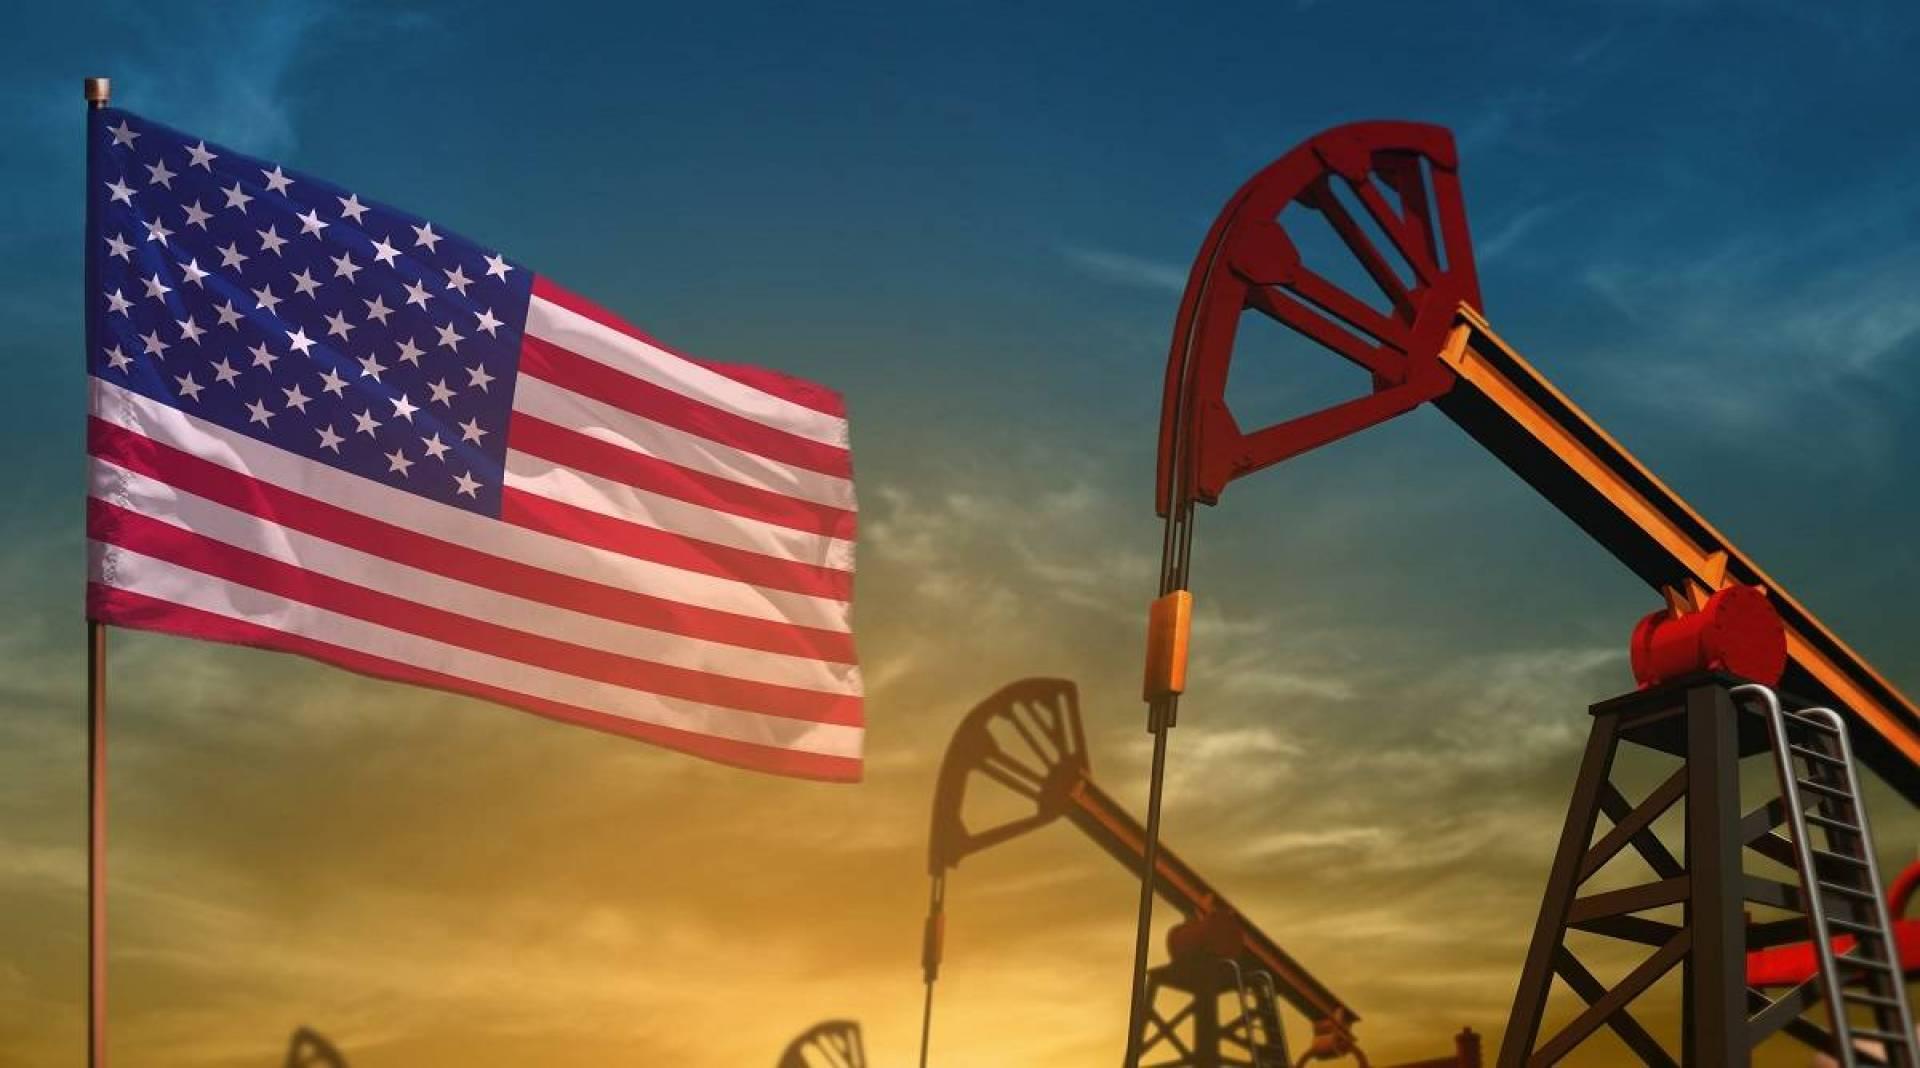 النفط الخام الأميركي يقفز بنحو 25% عند التسوية مسجلا أكبر مكسب يومي على الإطلاق